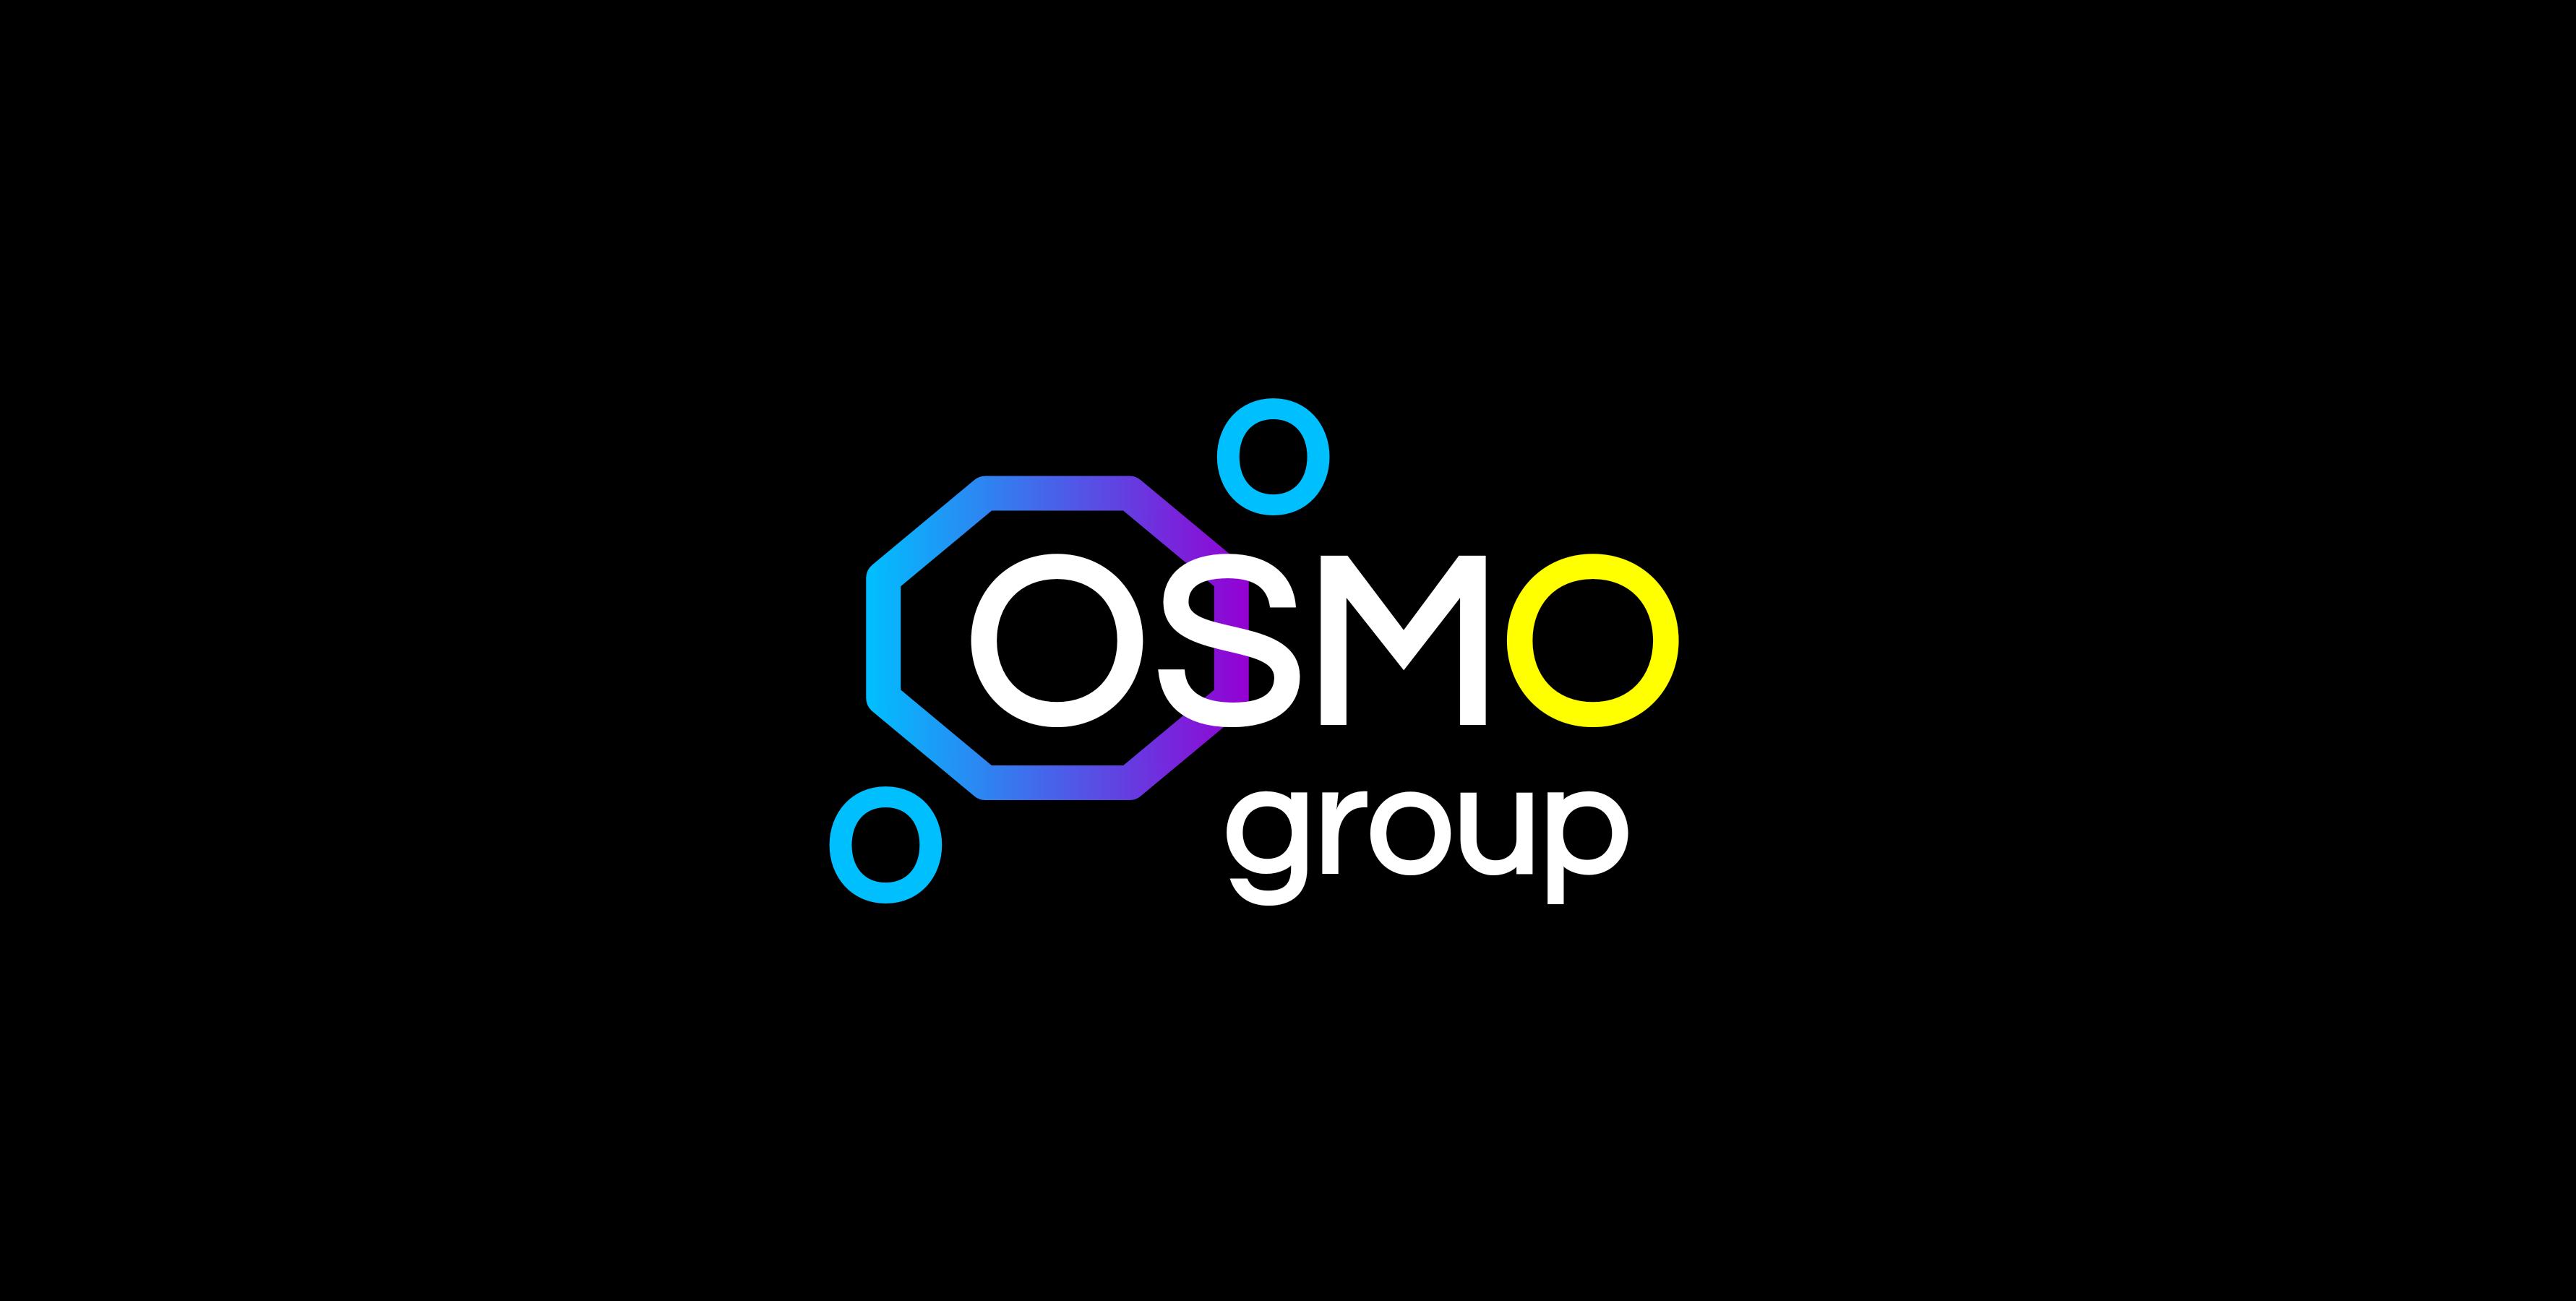 Создание логотипа для строительной компании OSMO group  фото f_37459b6ac1e68087.png